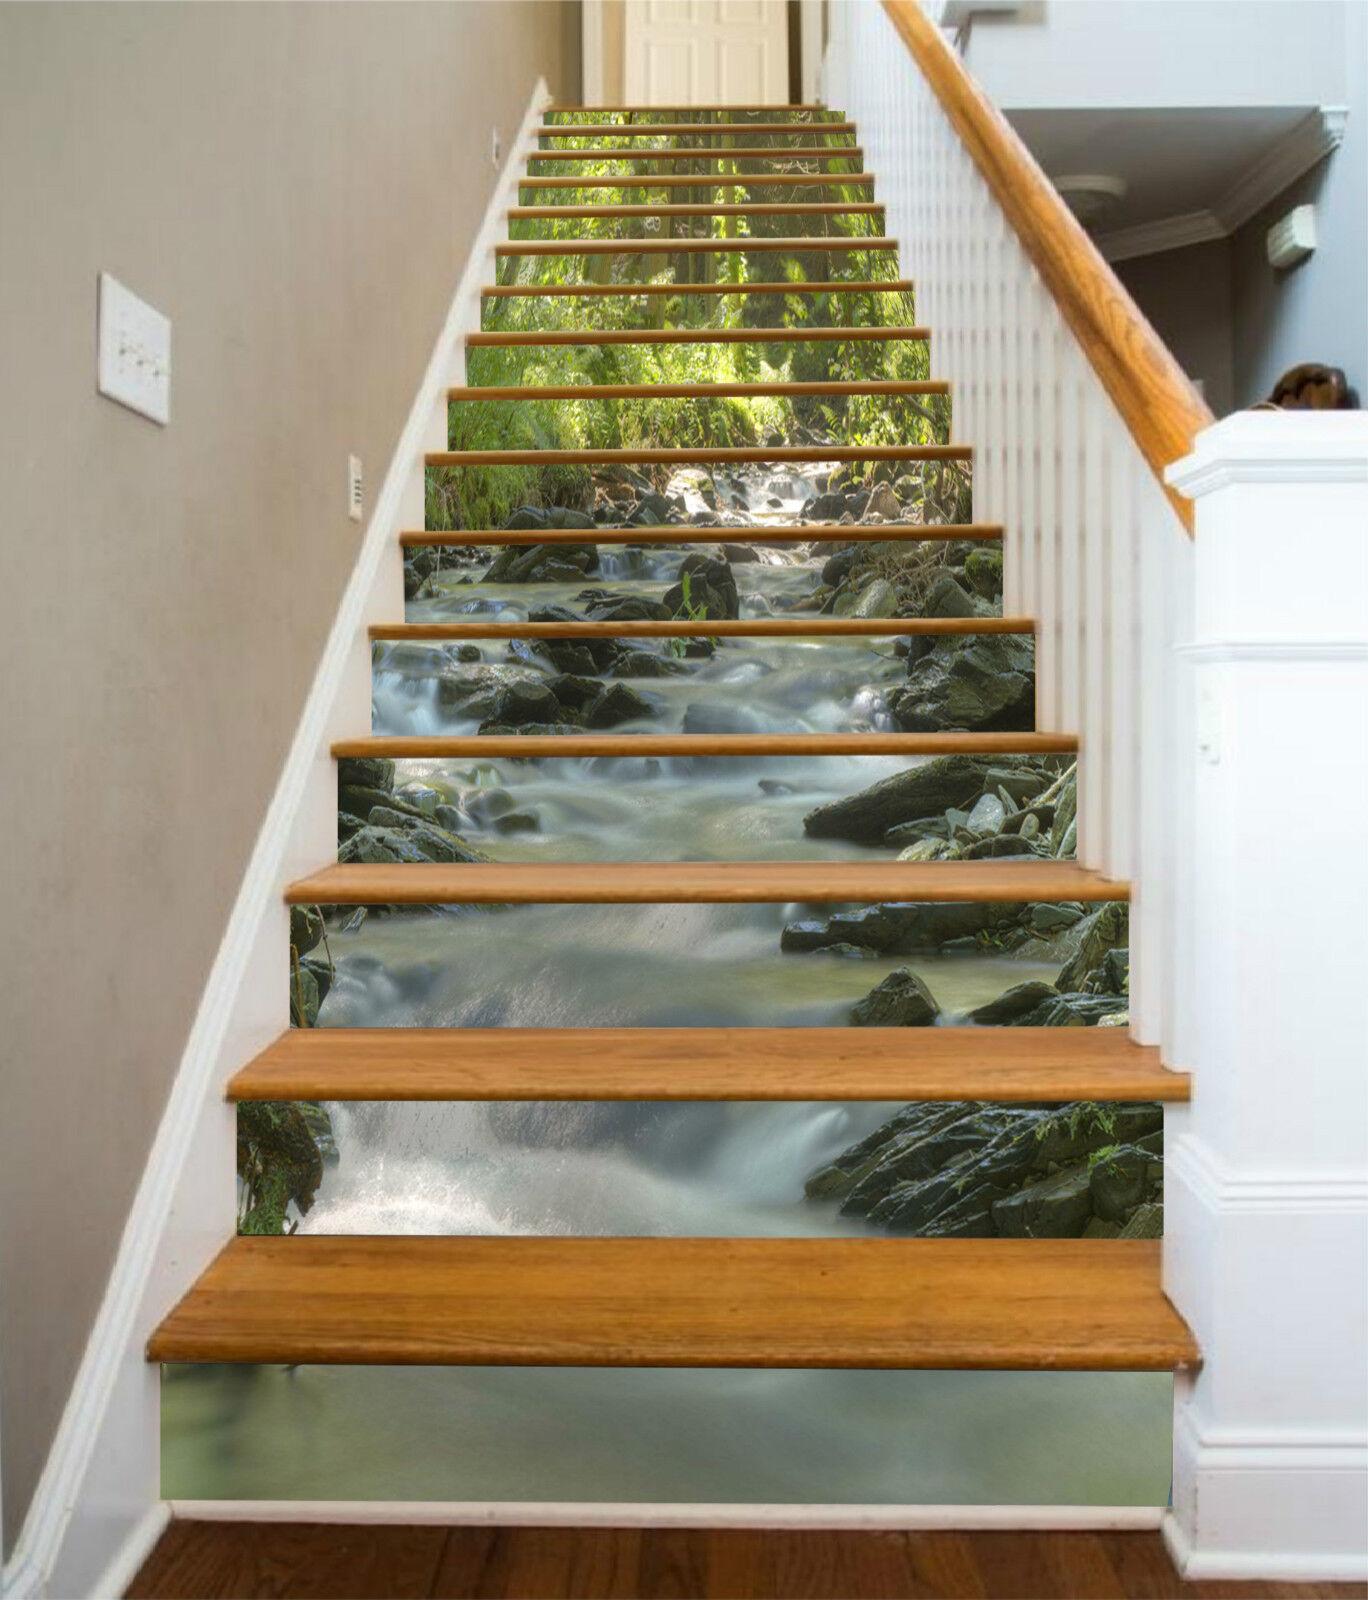 3d Forêt Rivière 335 Stair Risers Décoration Papier Peint Vinyle Autocollant Papier Peint De